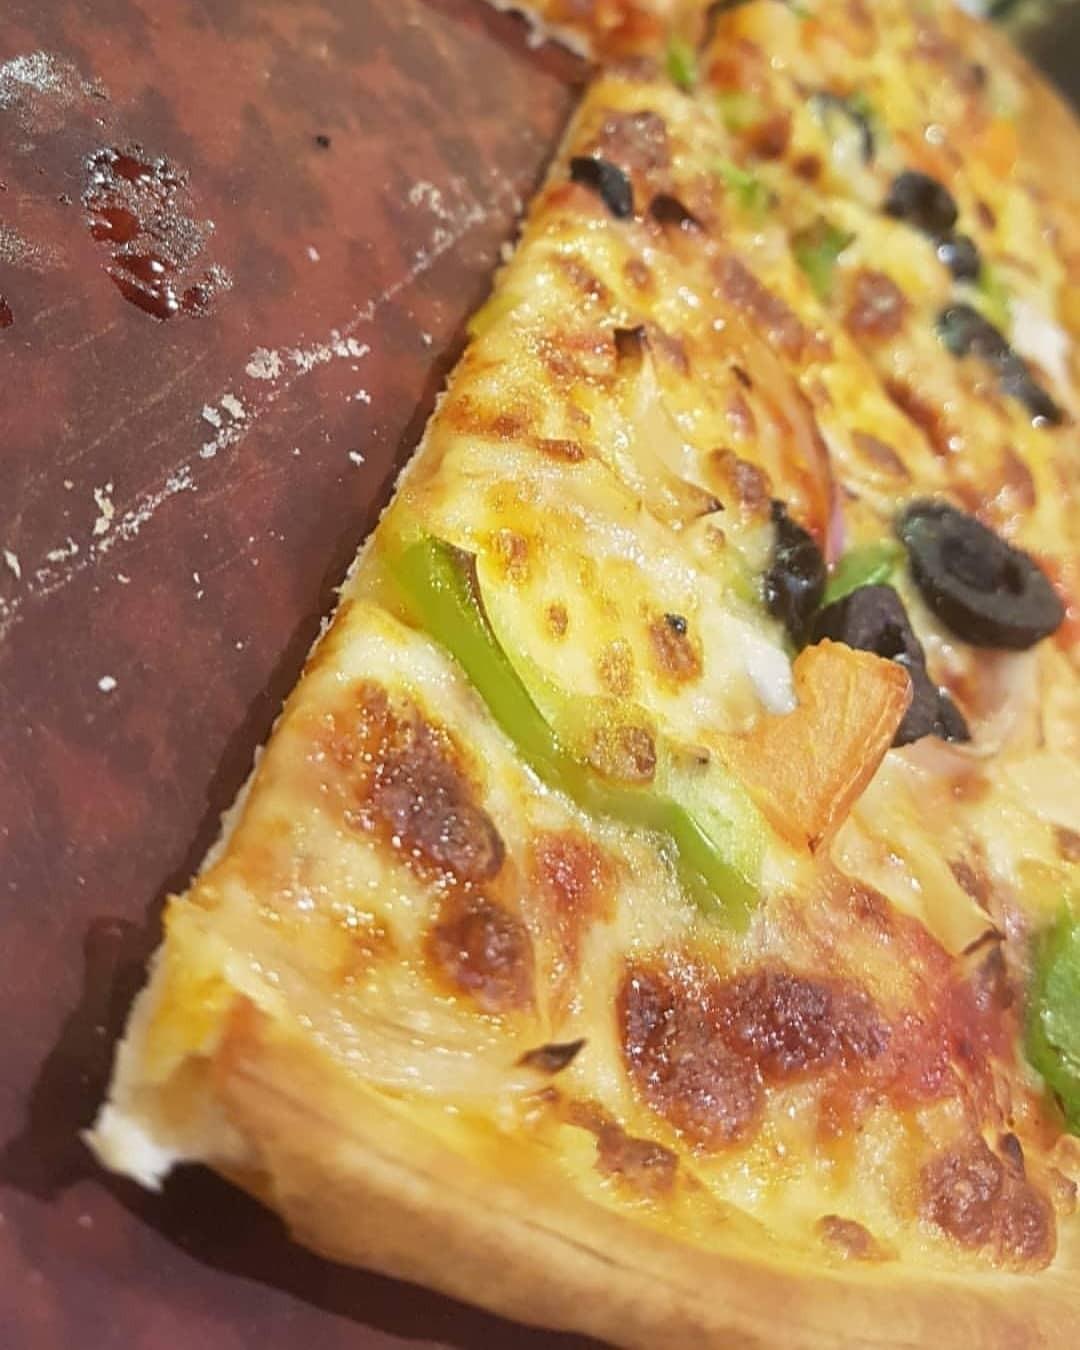 Vege pizza @ Pizza Hut - Bahrain